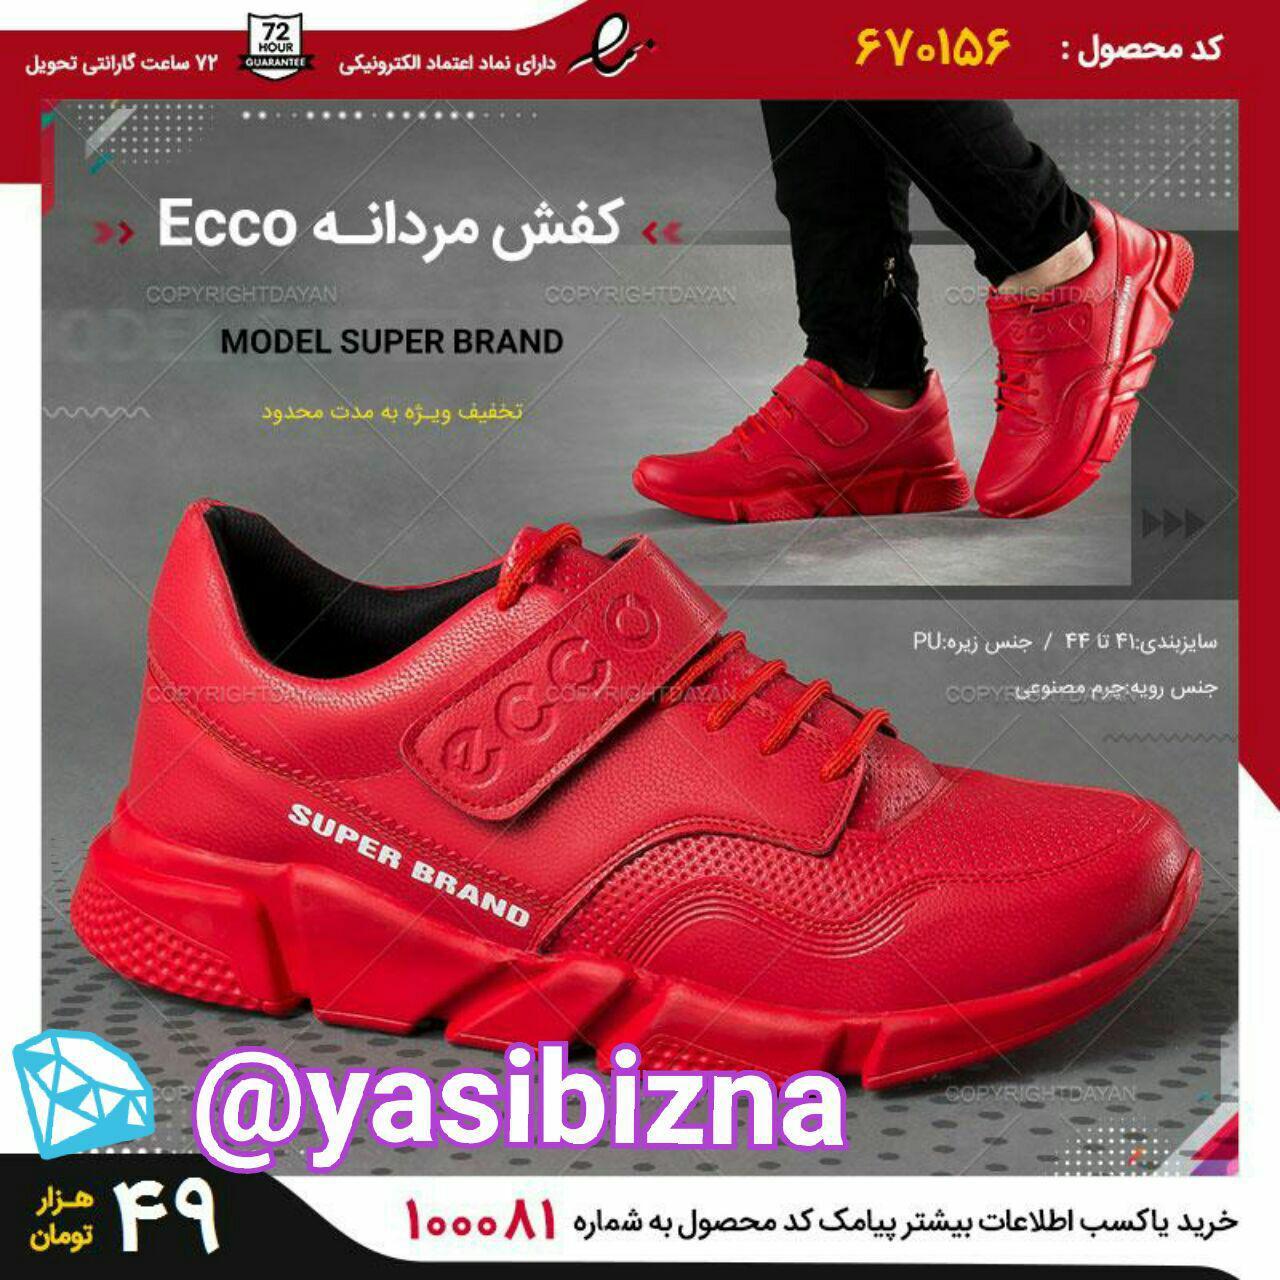 کفش مردانه Ecco مدل Super Brand(قرمز)